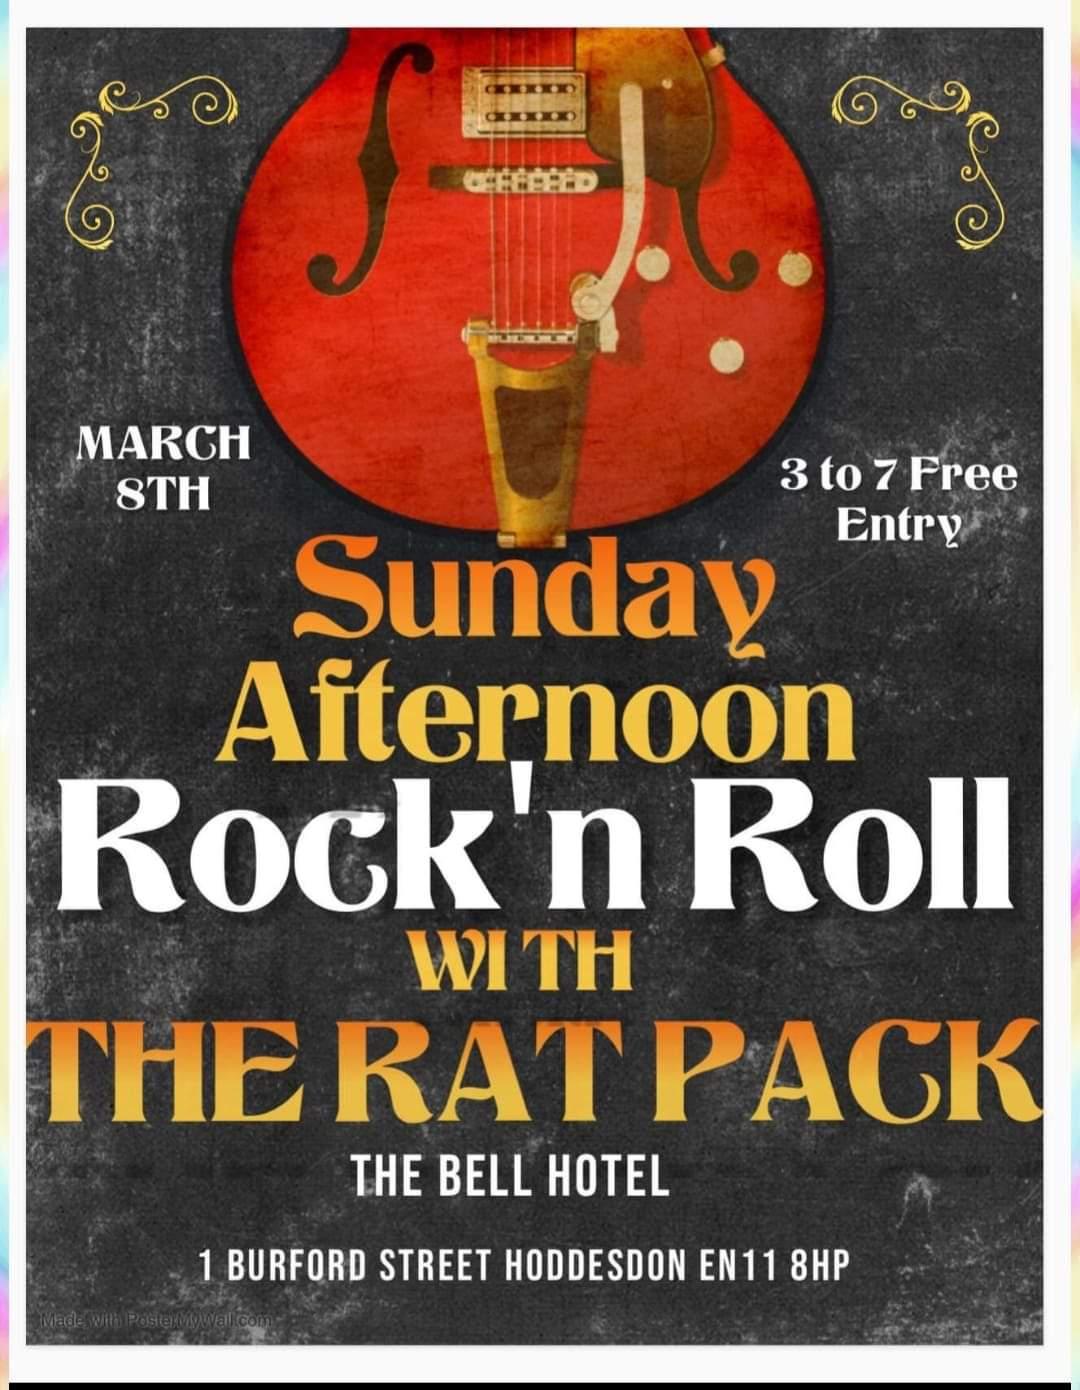 rocknroll rat pack